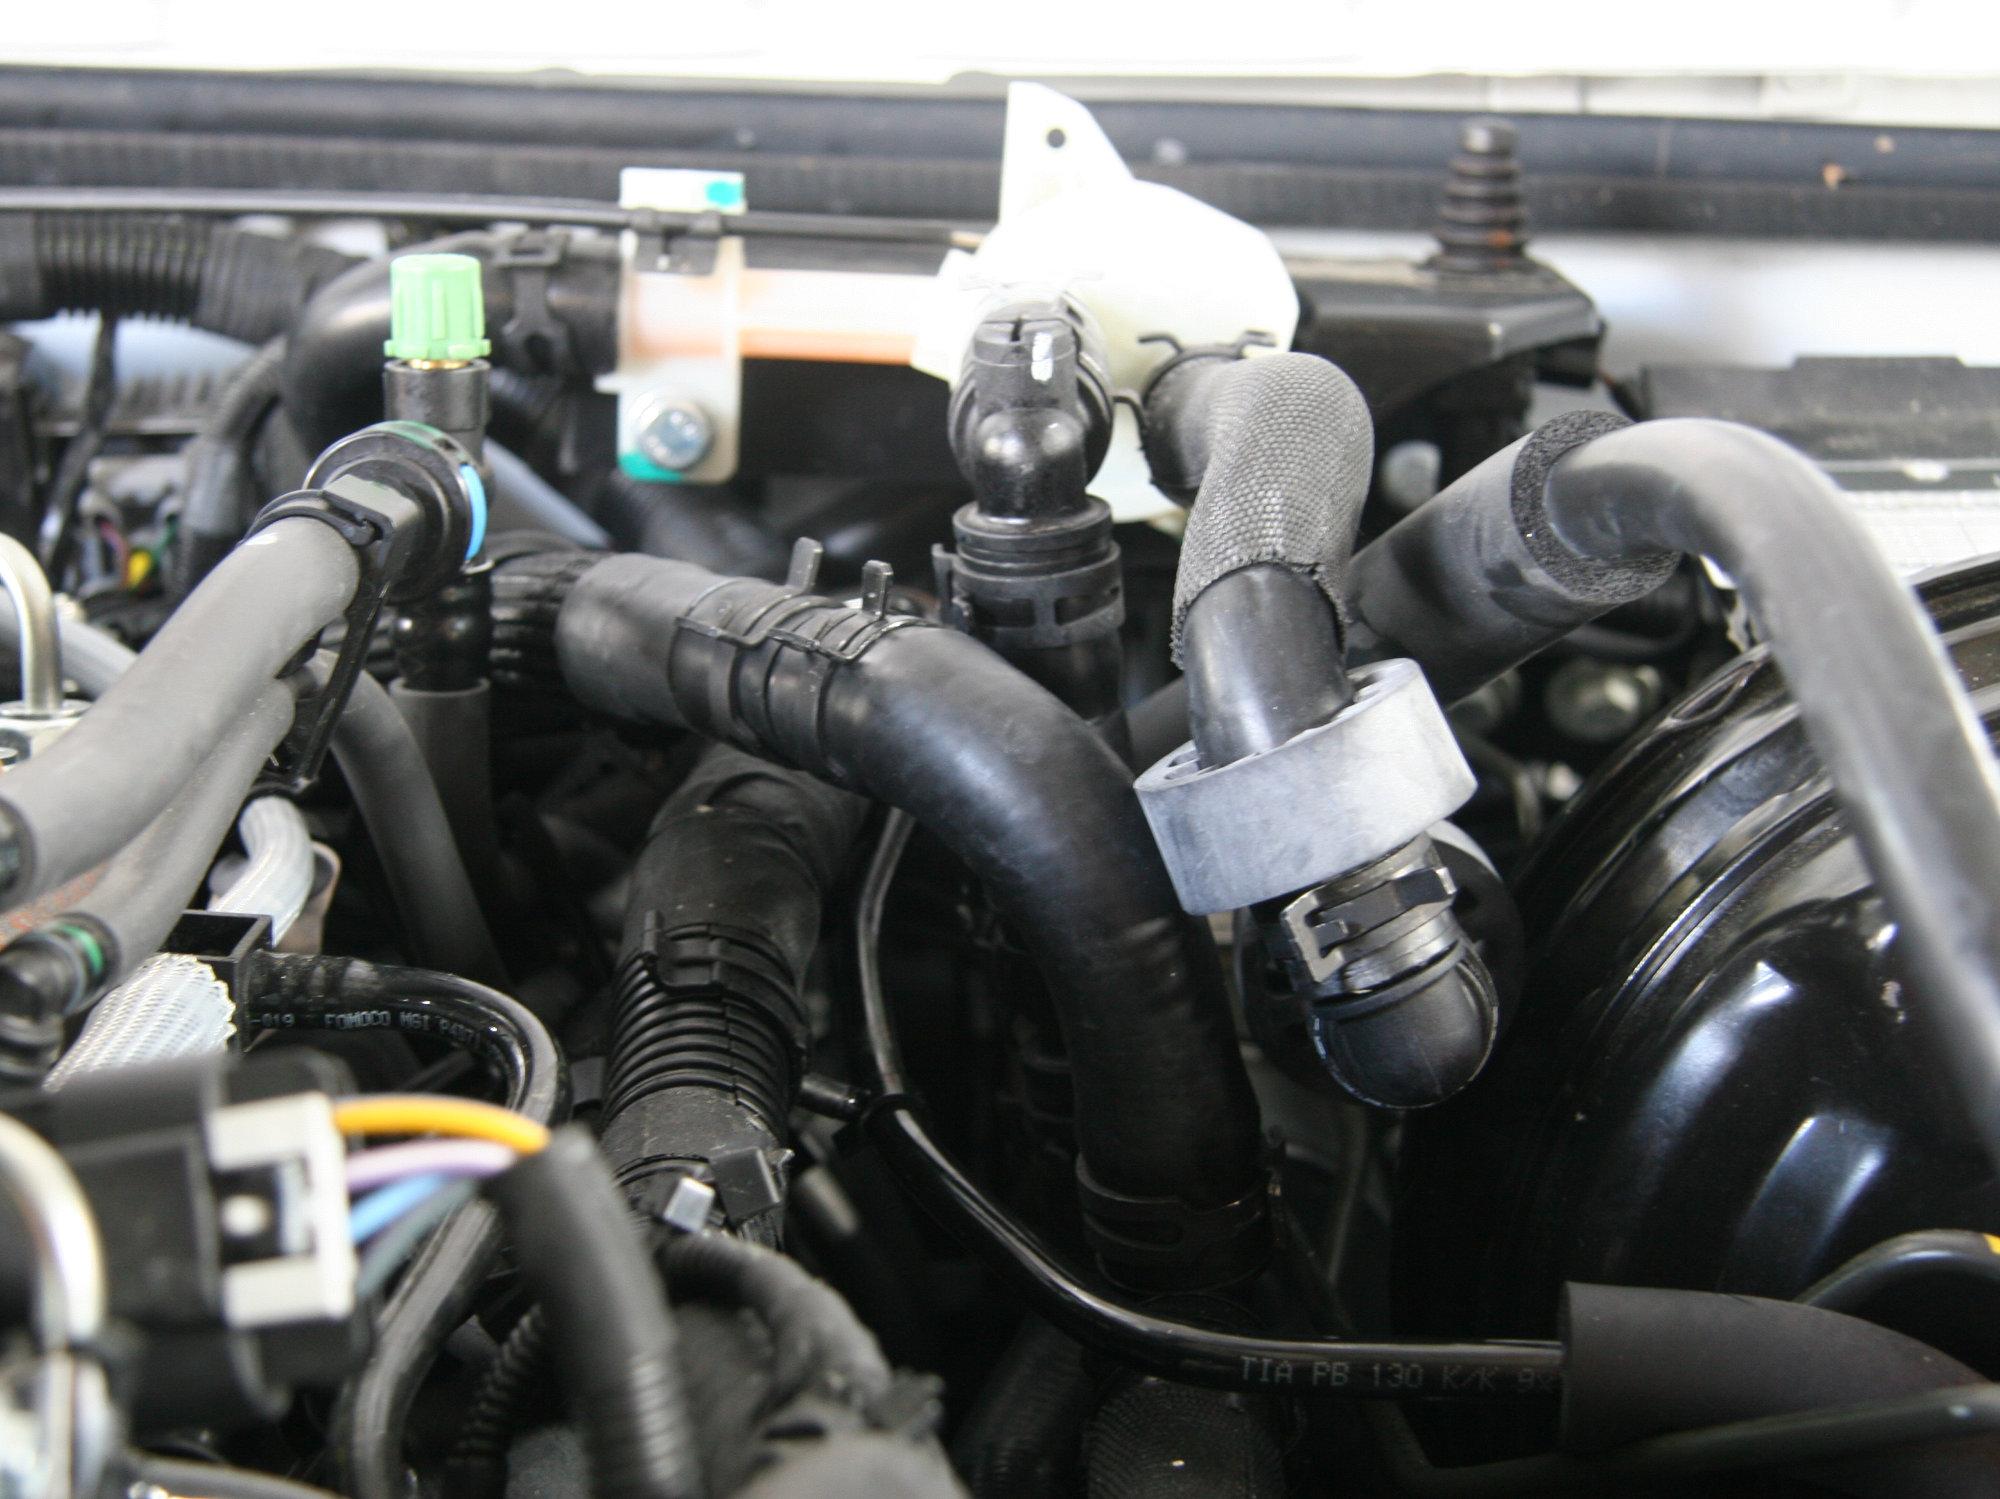 Installation des Heizwassersystems einer Webasto Evo 5+ in einen Land Rover Defender